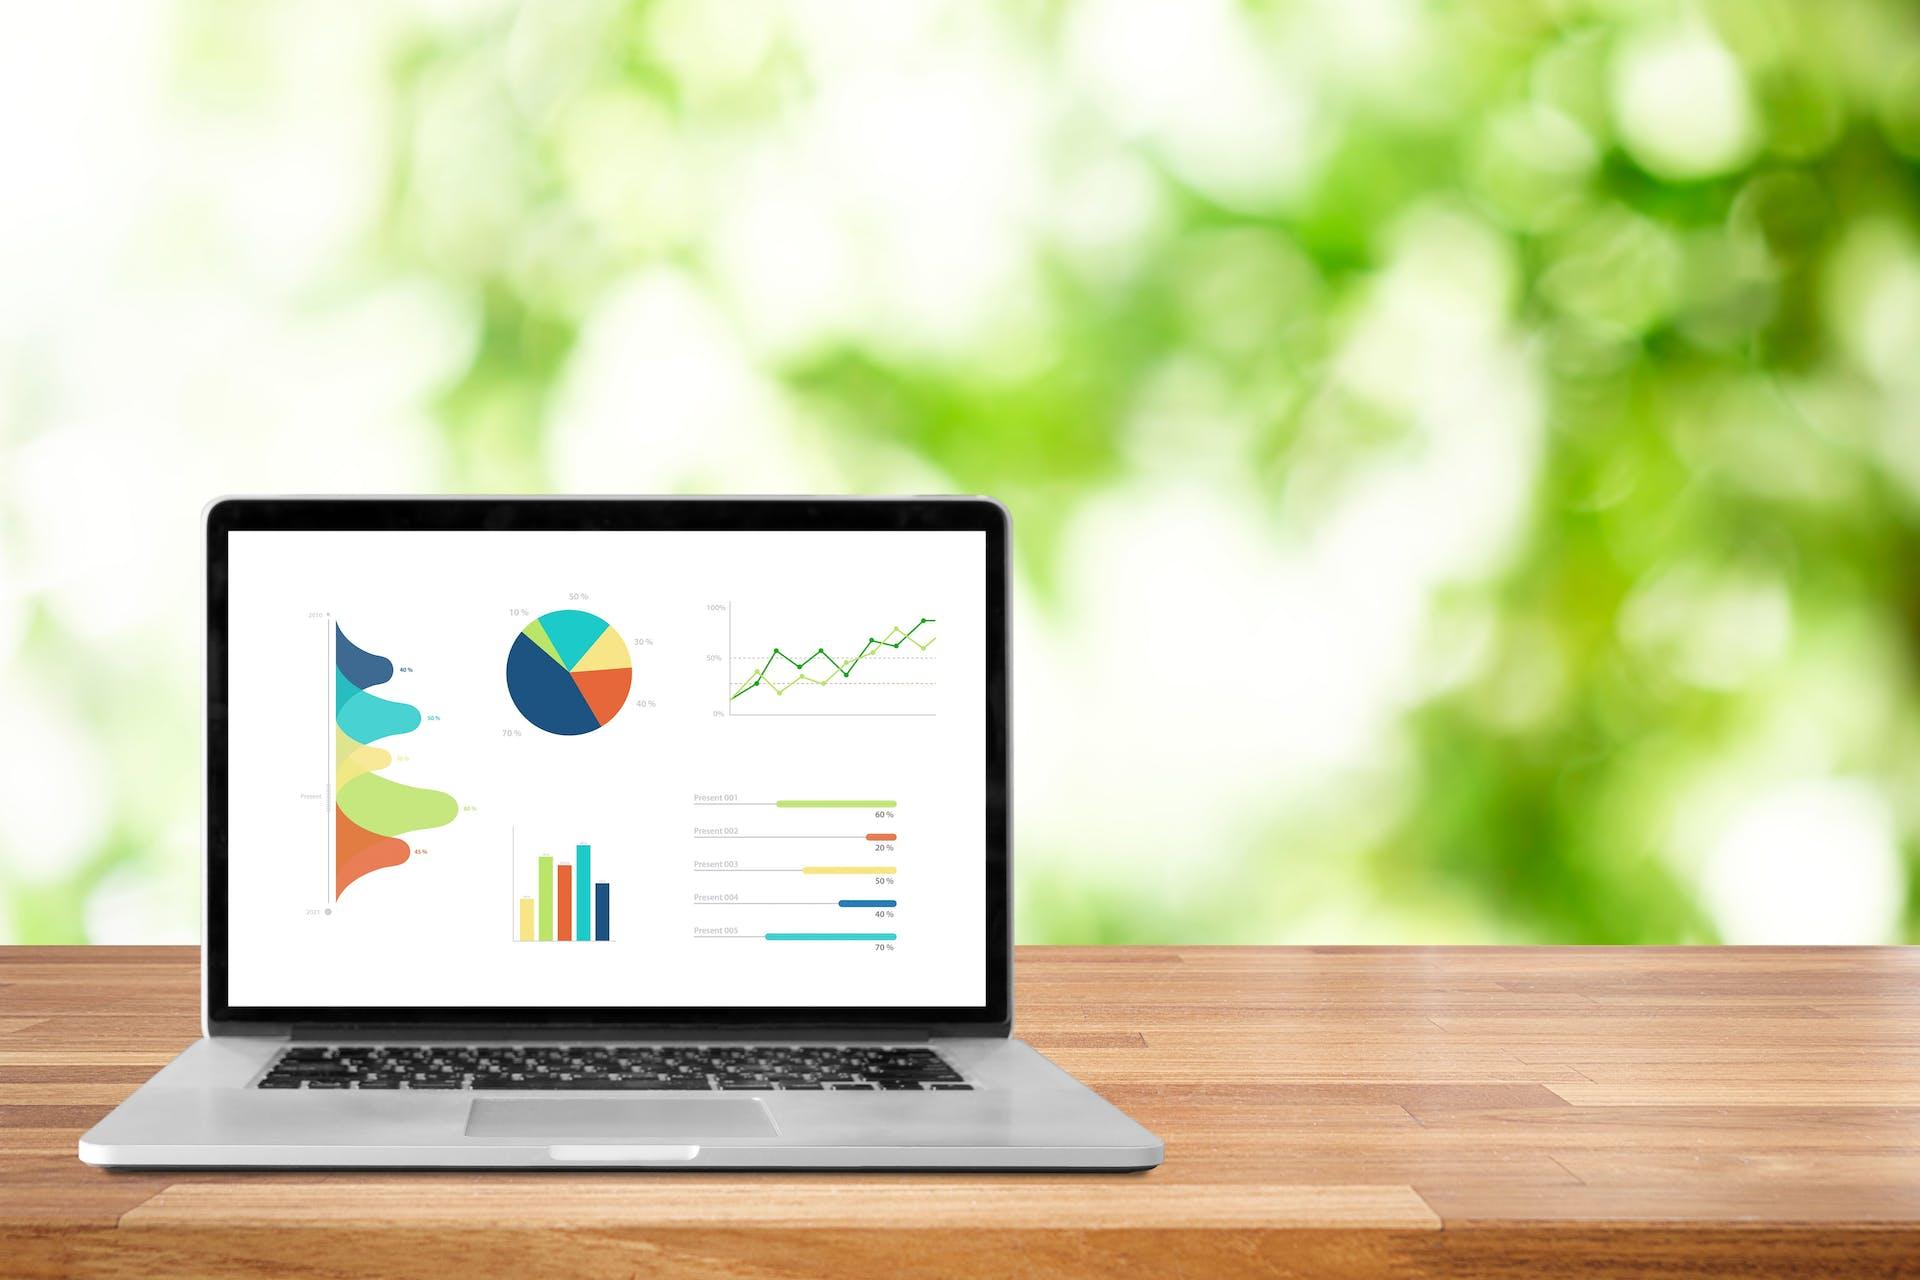 Visuel d'un ordinateur avec des graphiques et un fond de verdure